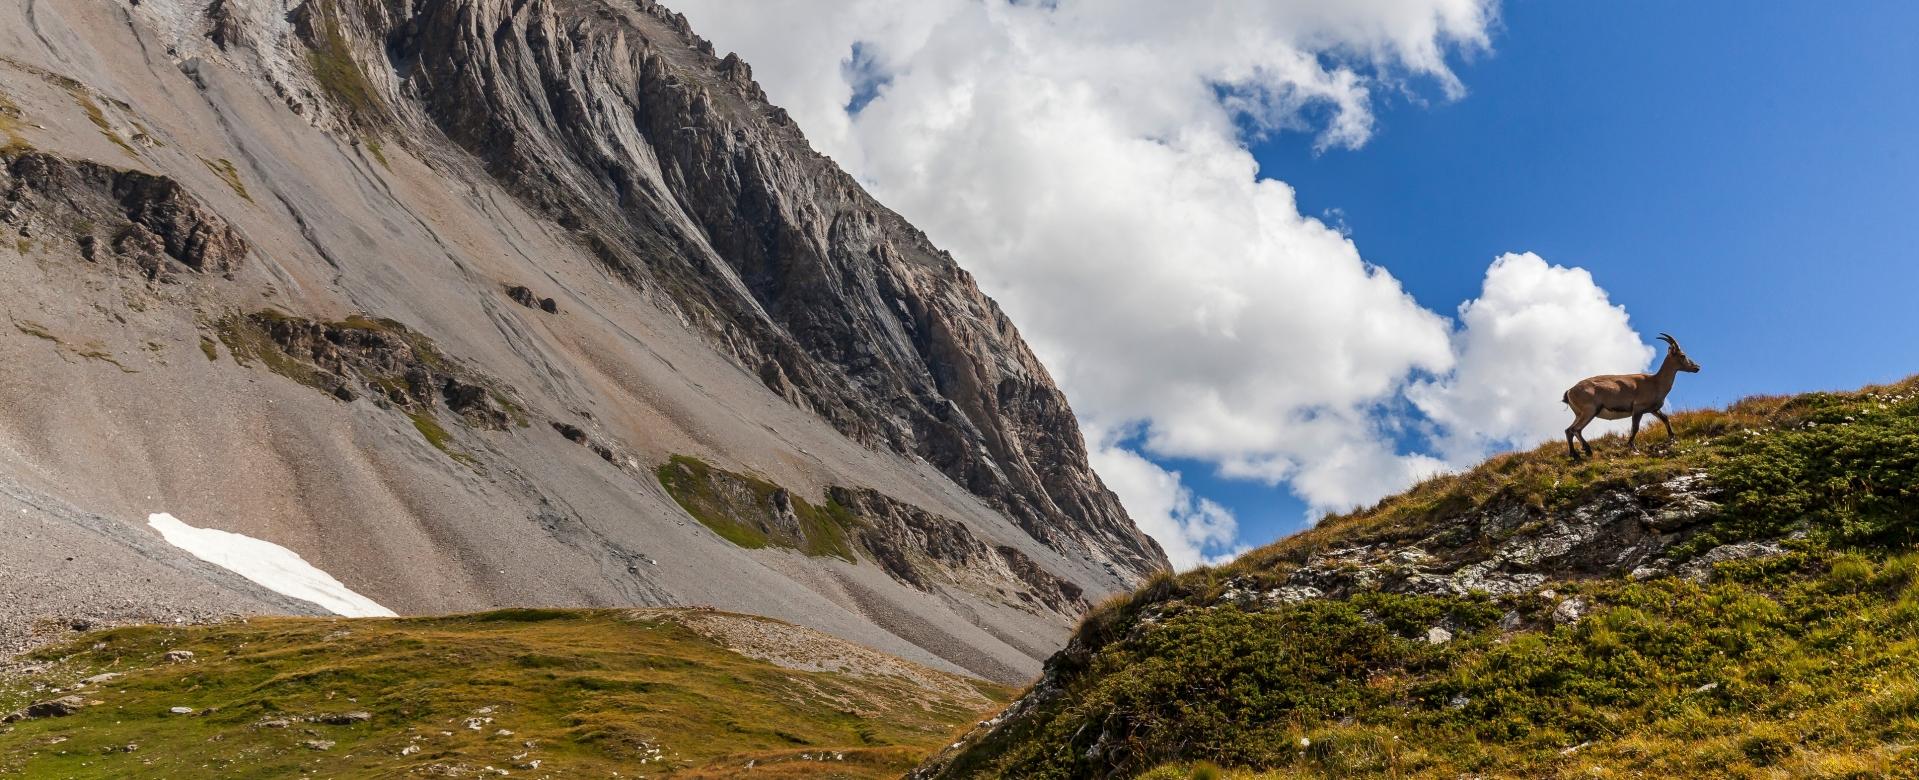 Voyage à pied : Le trail des glaciers de la vanoise